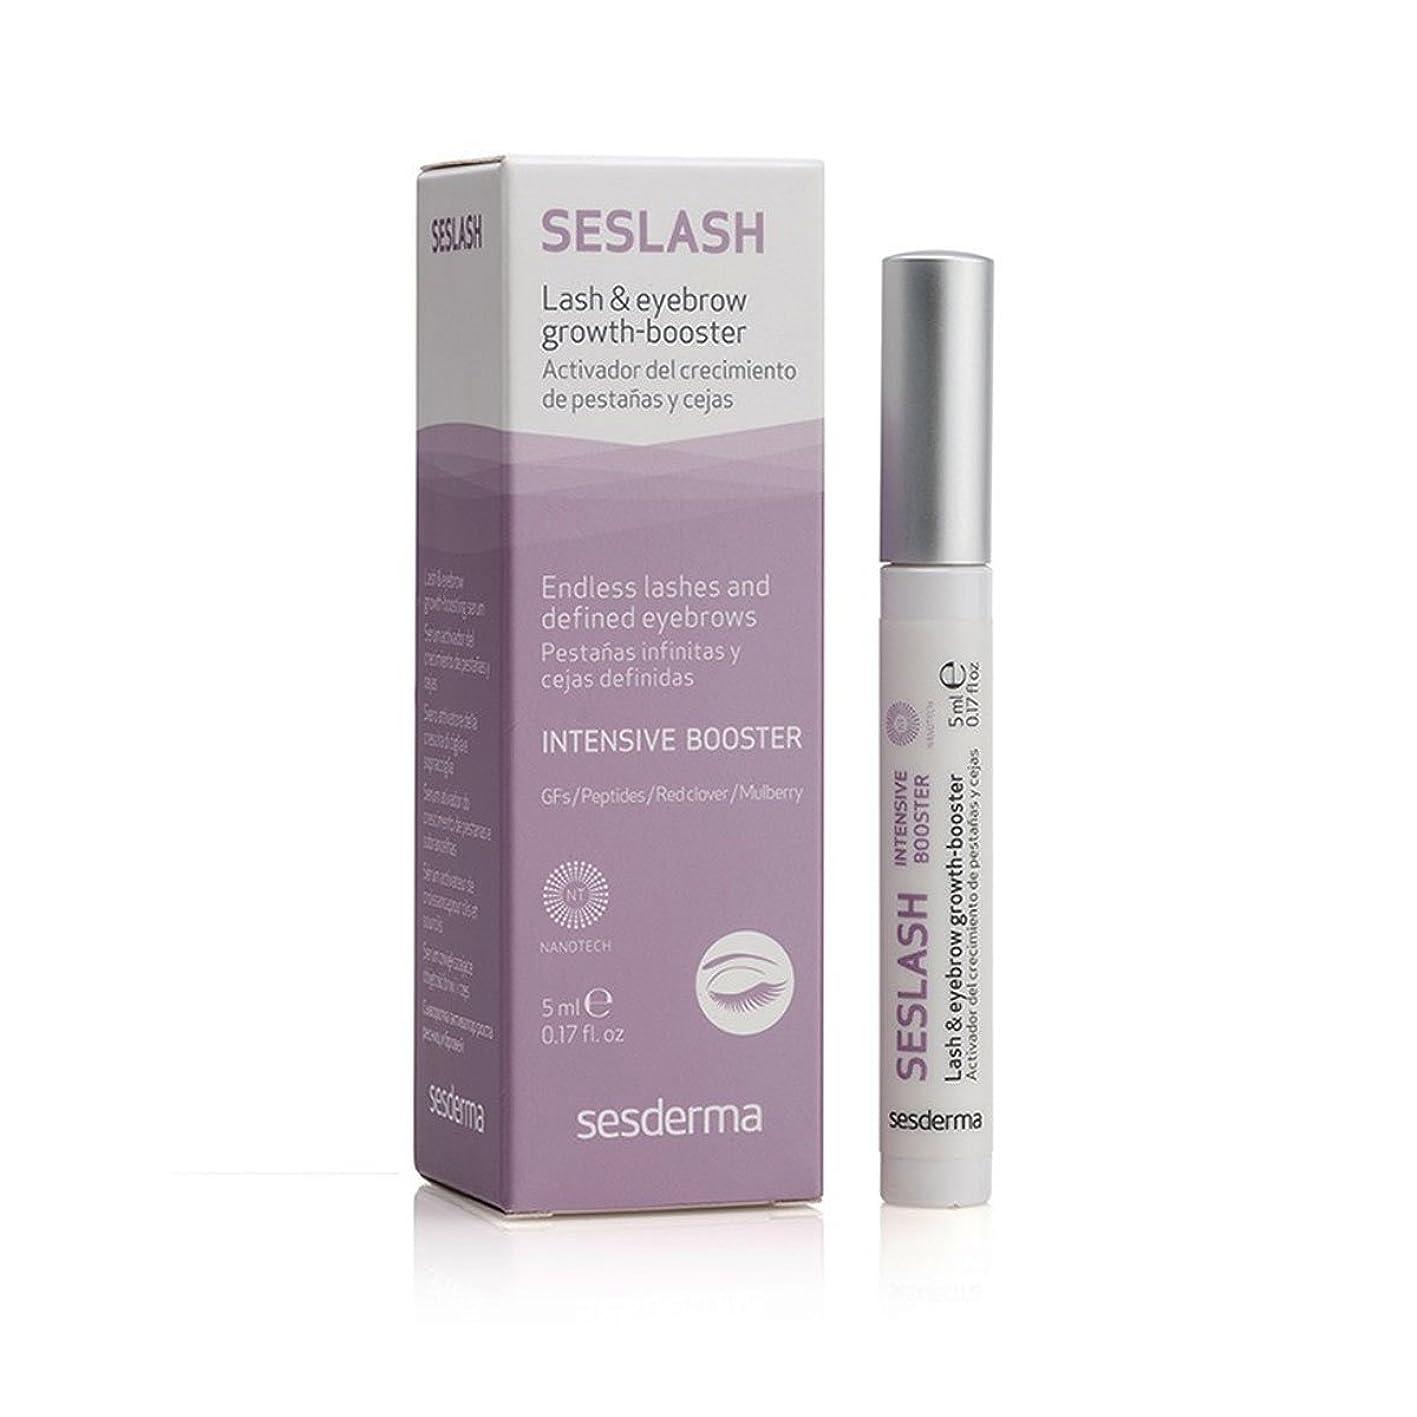 失礼な愛する忠実なSesderma Seslash Lash And Eyebrow Growth-booster Serum 5ml [並行輸入品]